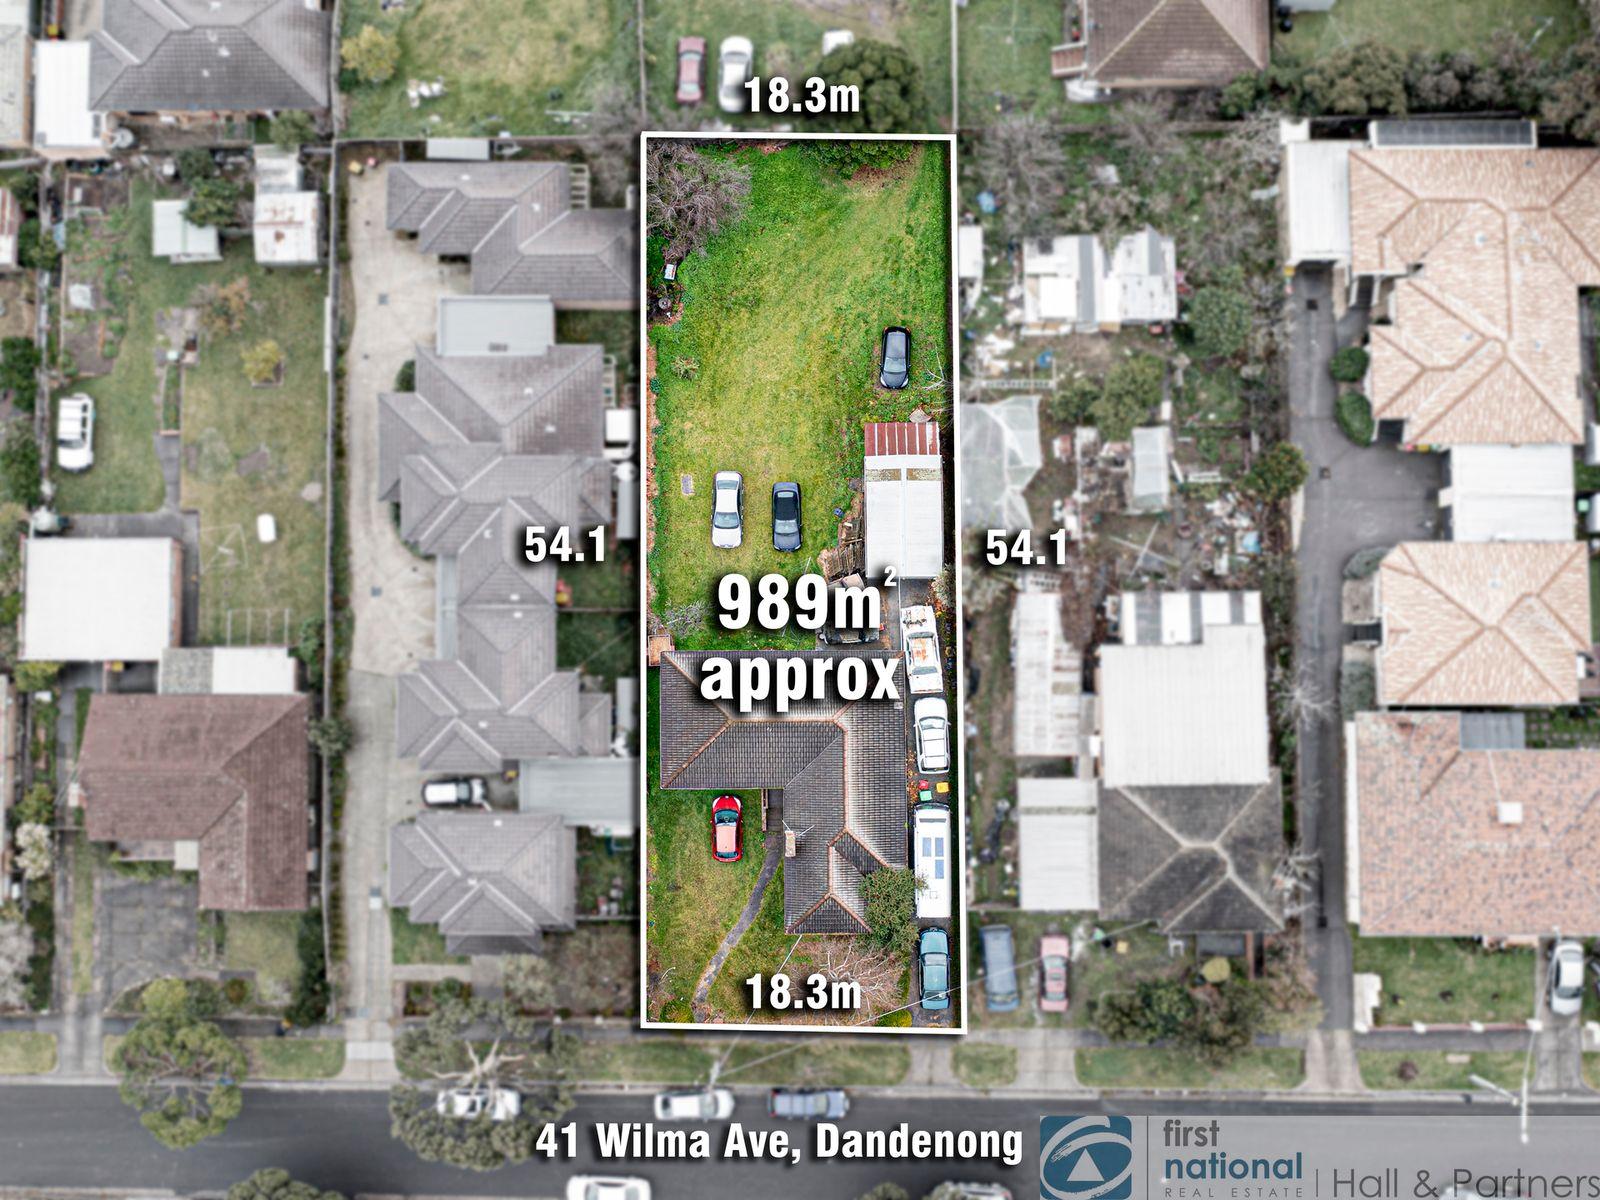 41 Wilma Avenue, Dandenong, VIC 3175